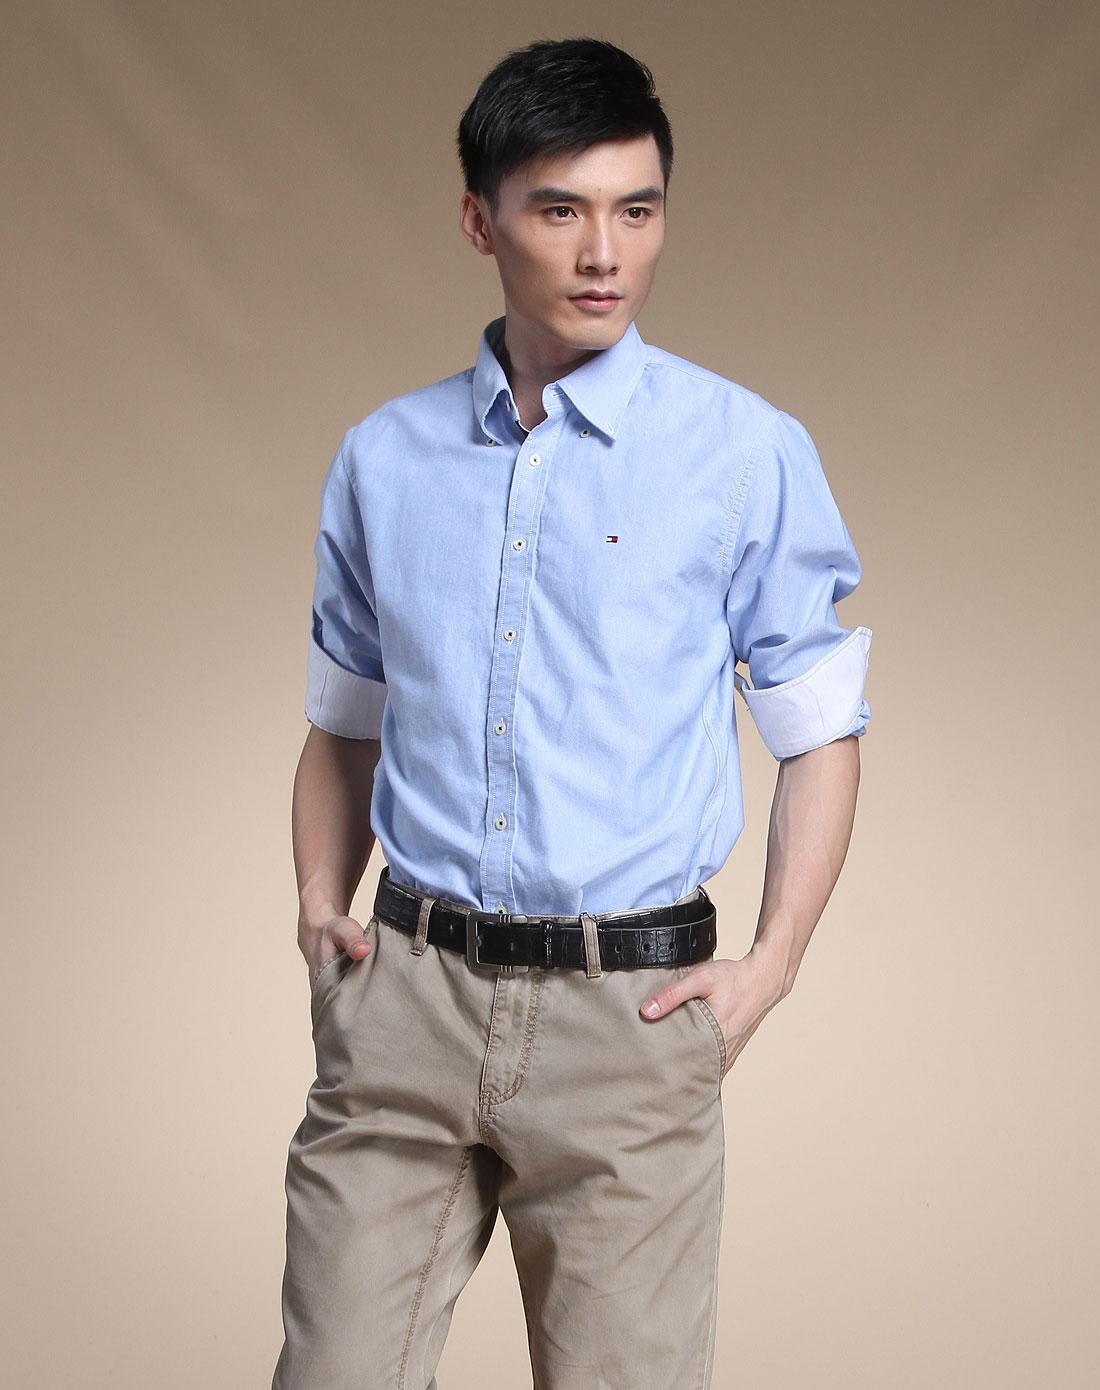 汤美费格tommyhilfiger衬衫专场-美食简约蓝色长袖男装时尚称为摄影师图片